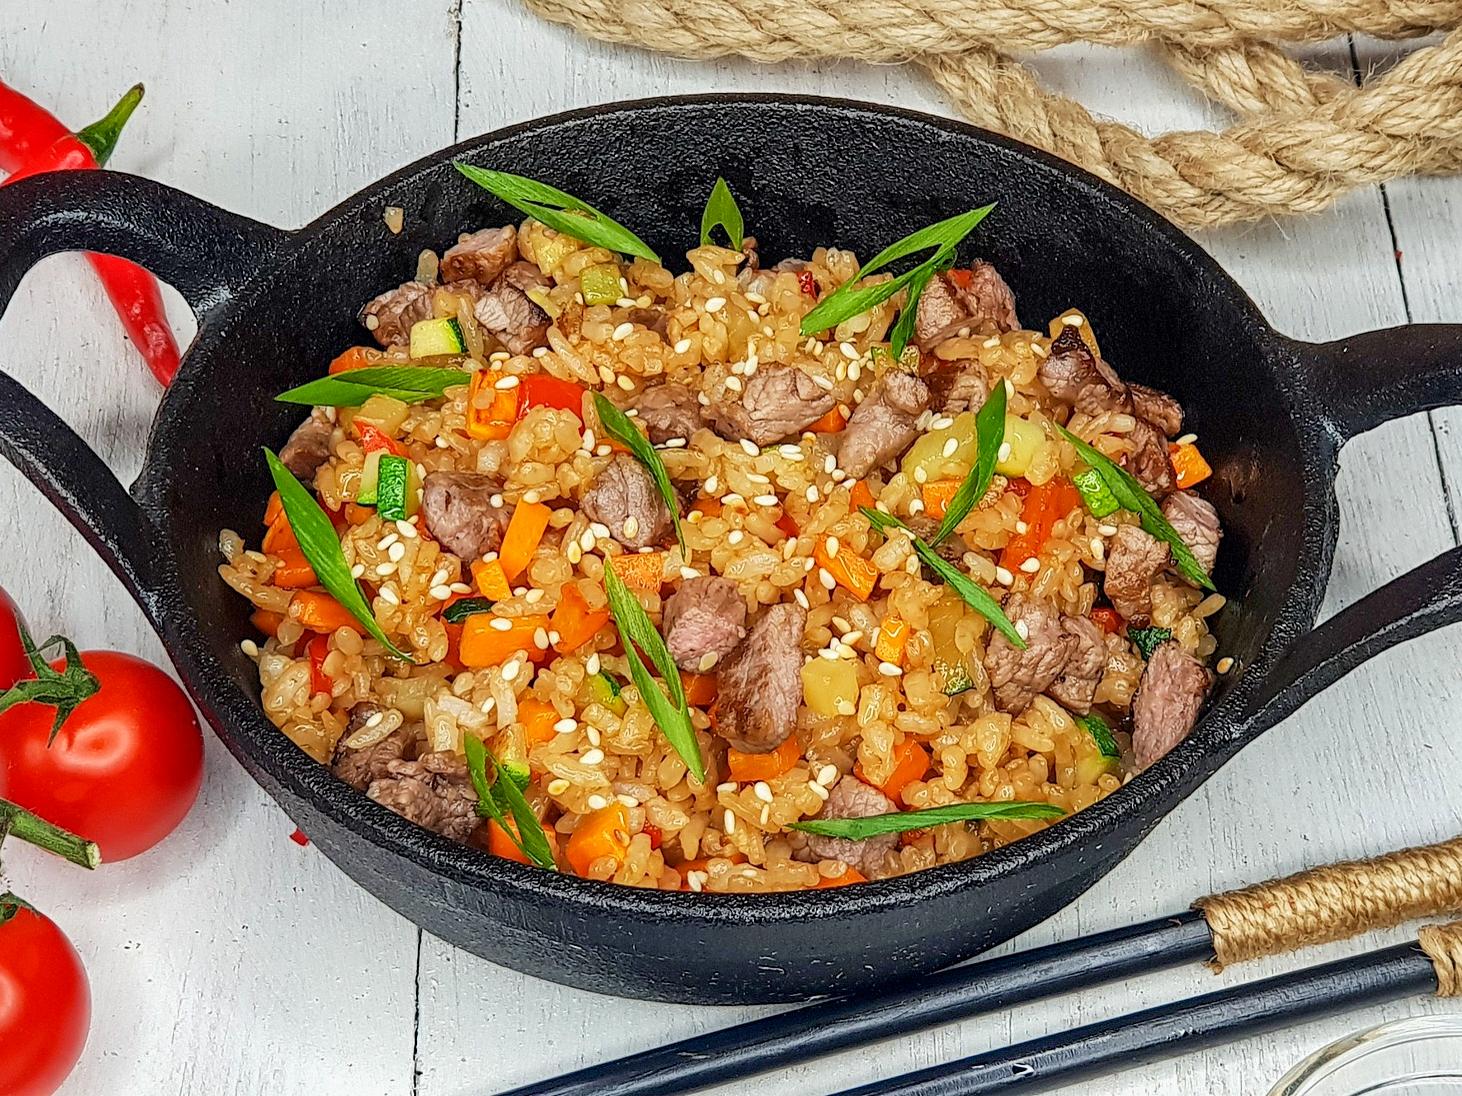 Вок с рисом и говядиной